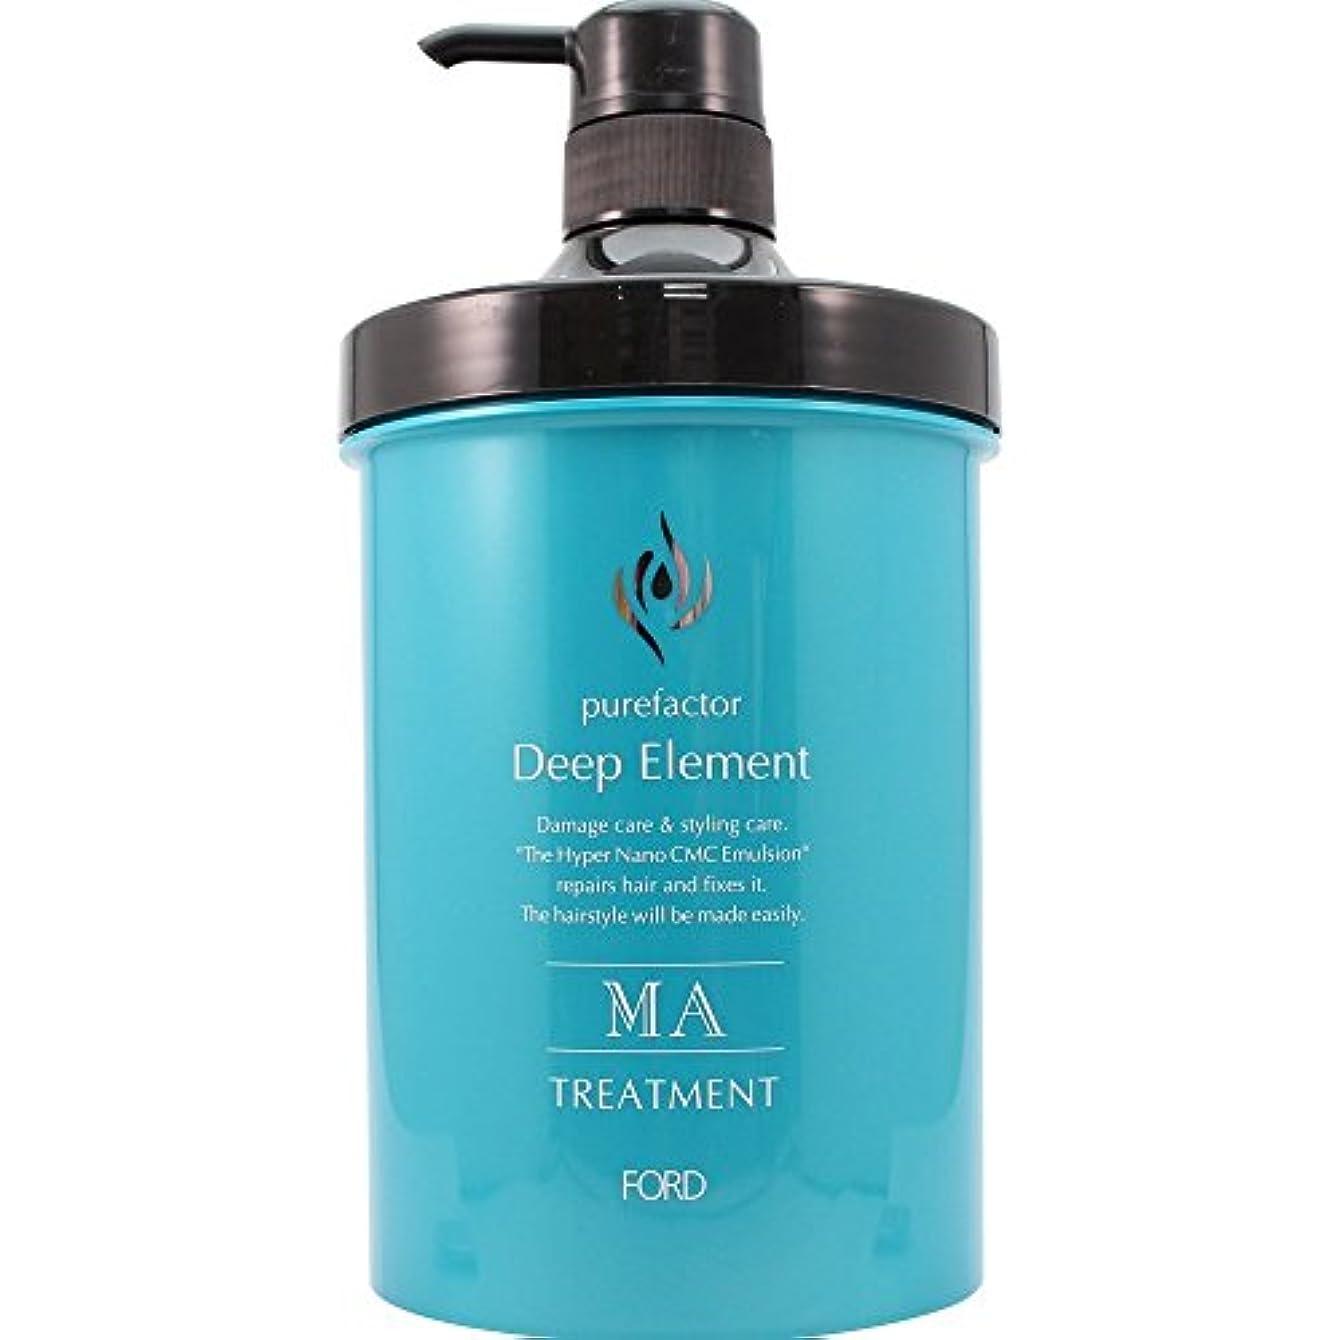 ブルーベル地平線マイクロフォンフォードヘア化粧品 ディープエレメント MA ヘアトリートメント 950g